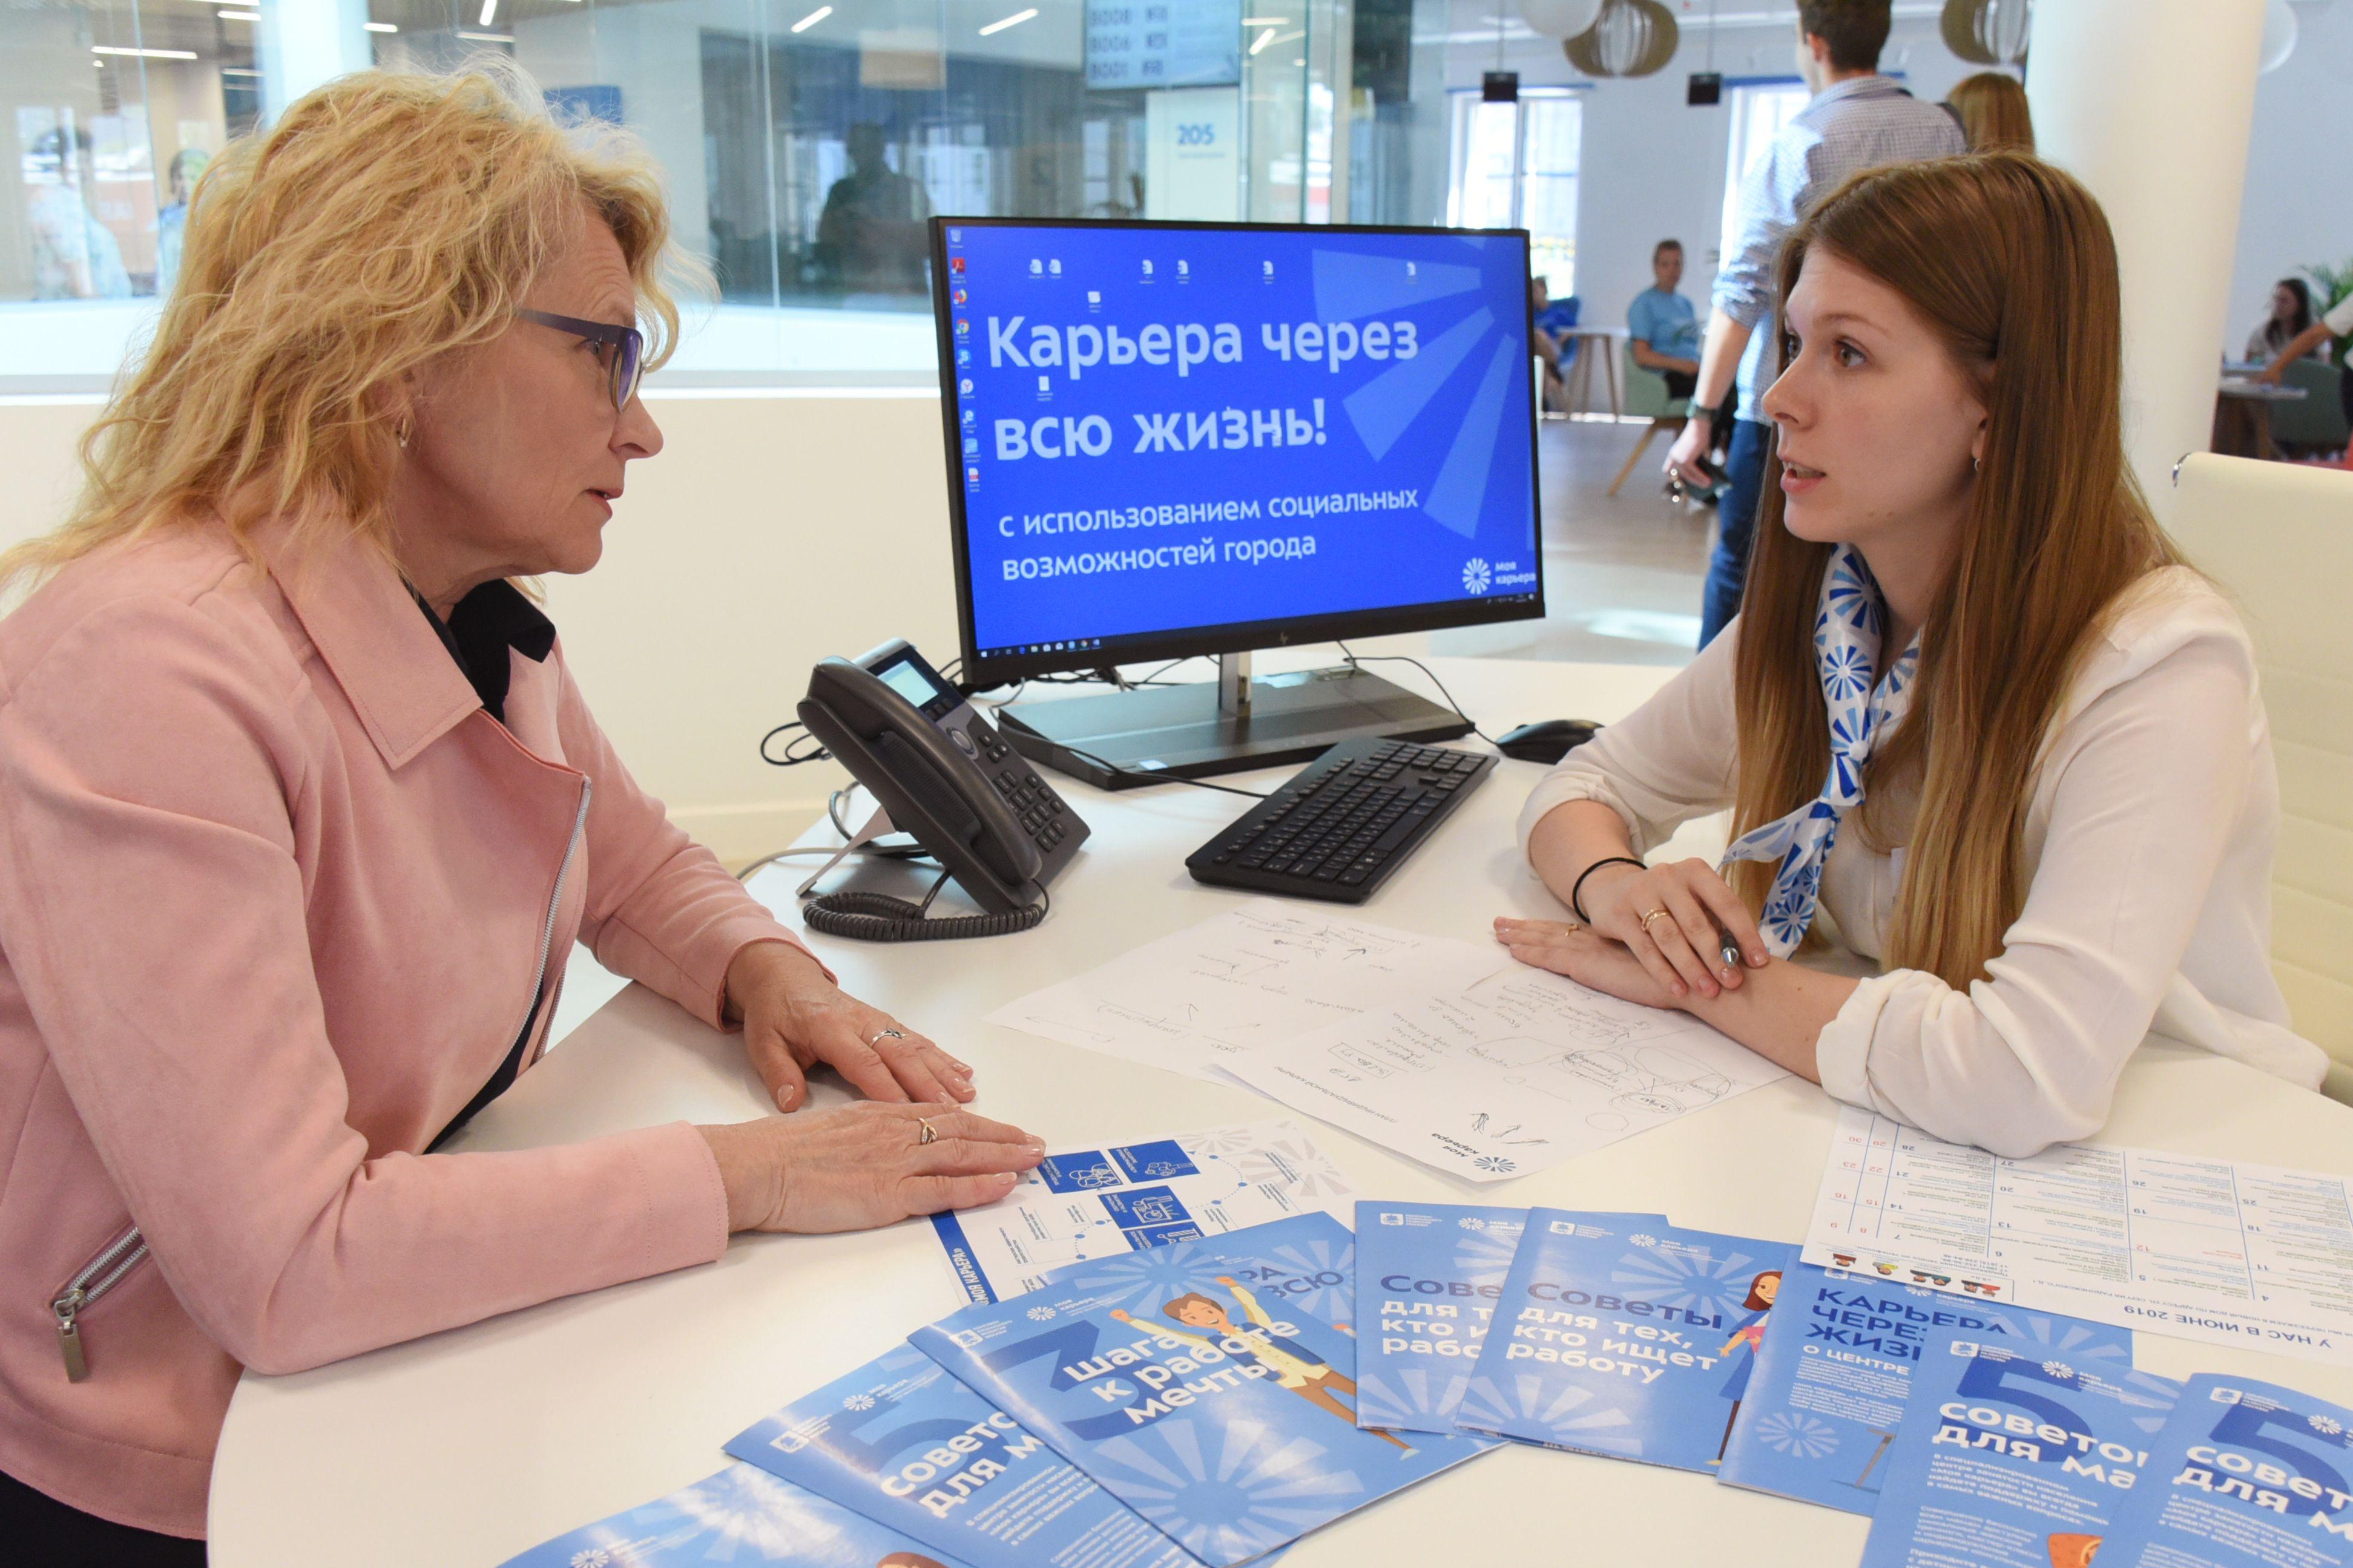 Свыше 90 тысяч человек воспользовались услугами центра «Моя карьера» в Москве